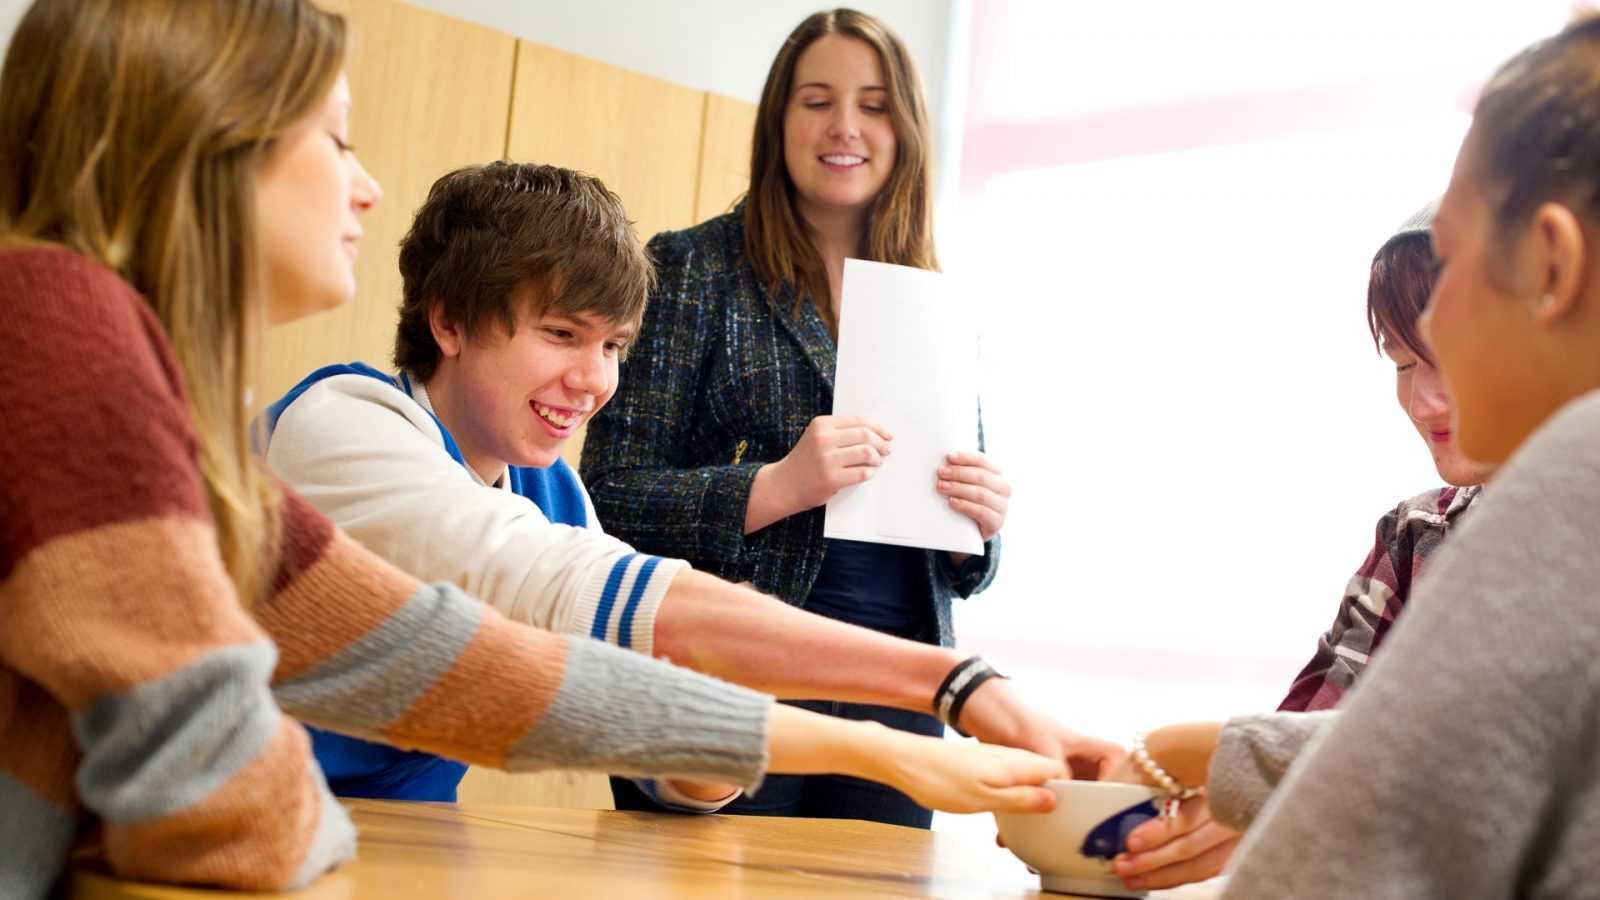 Психологов в школах должно быть больше